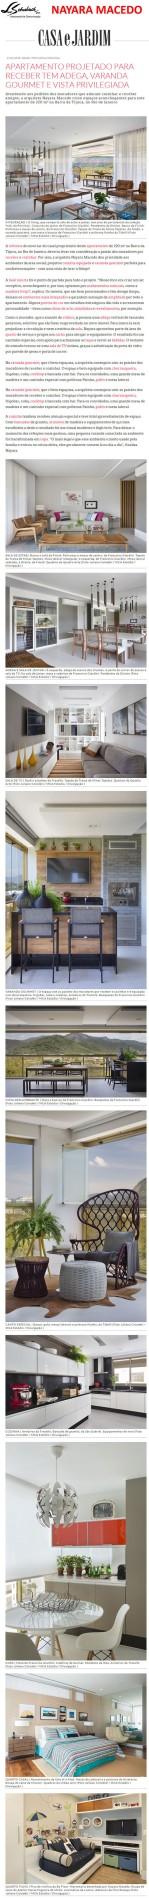 Projeto da arquiteta NAYARA MACEDO no site da revista Casa e Jardim em 11 de janeiro de 2018